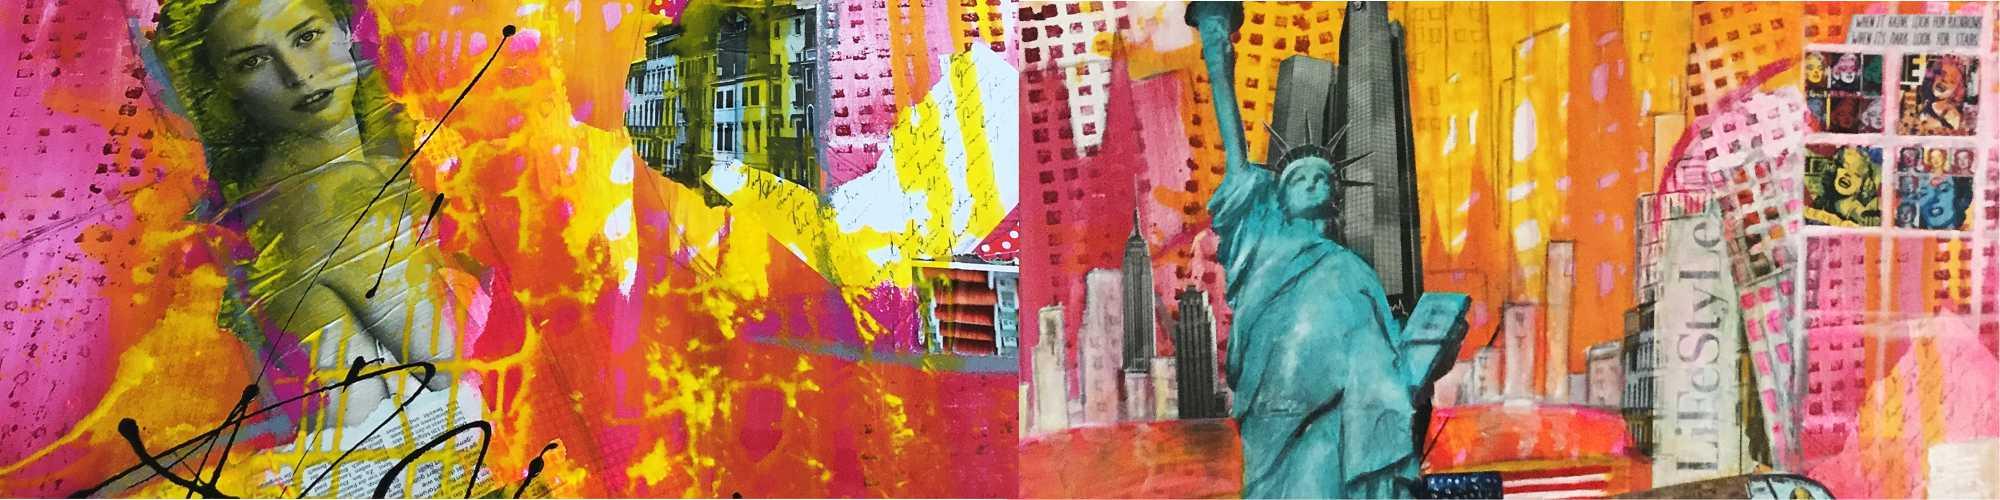 Kreativkurse - geführte Collage Ergebnis